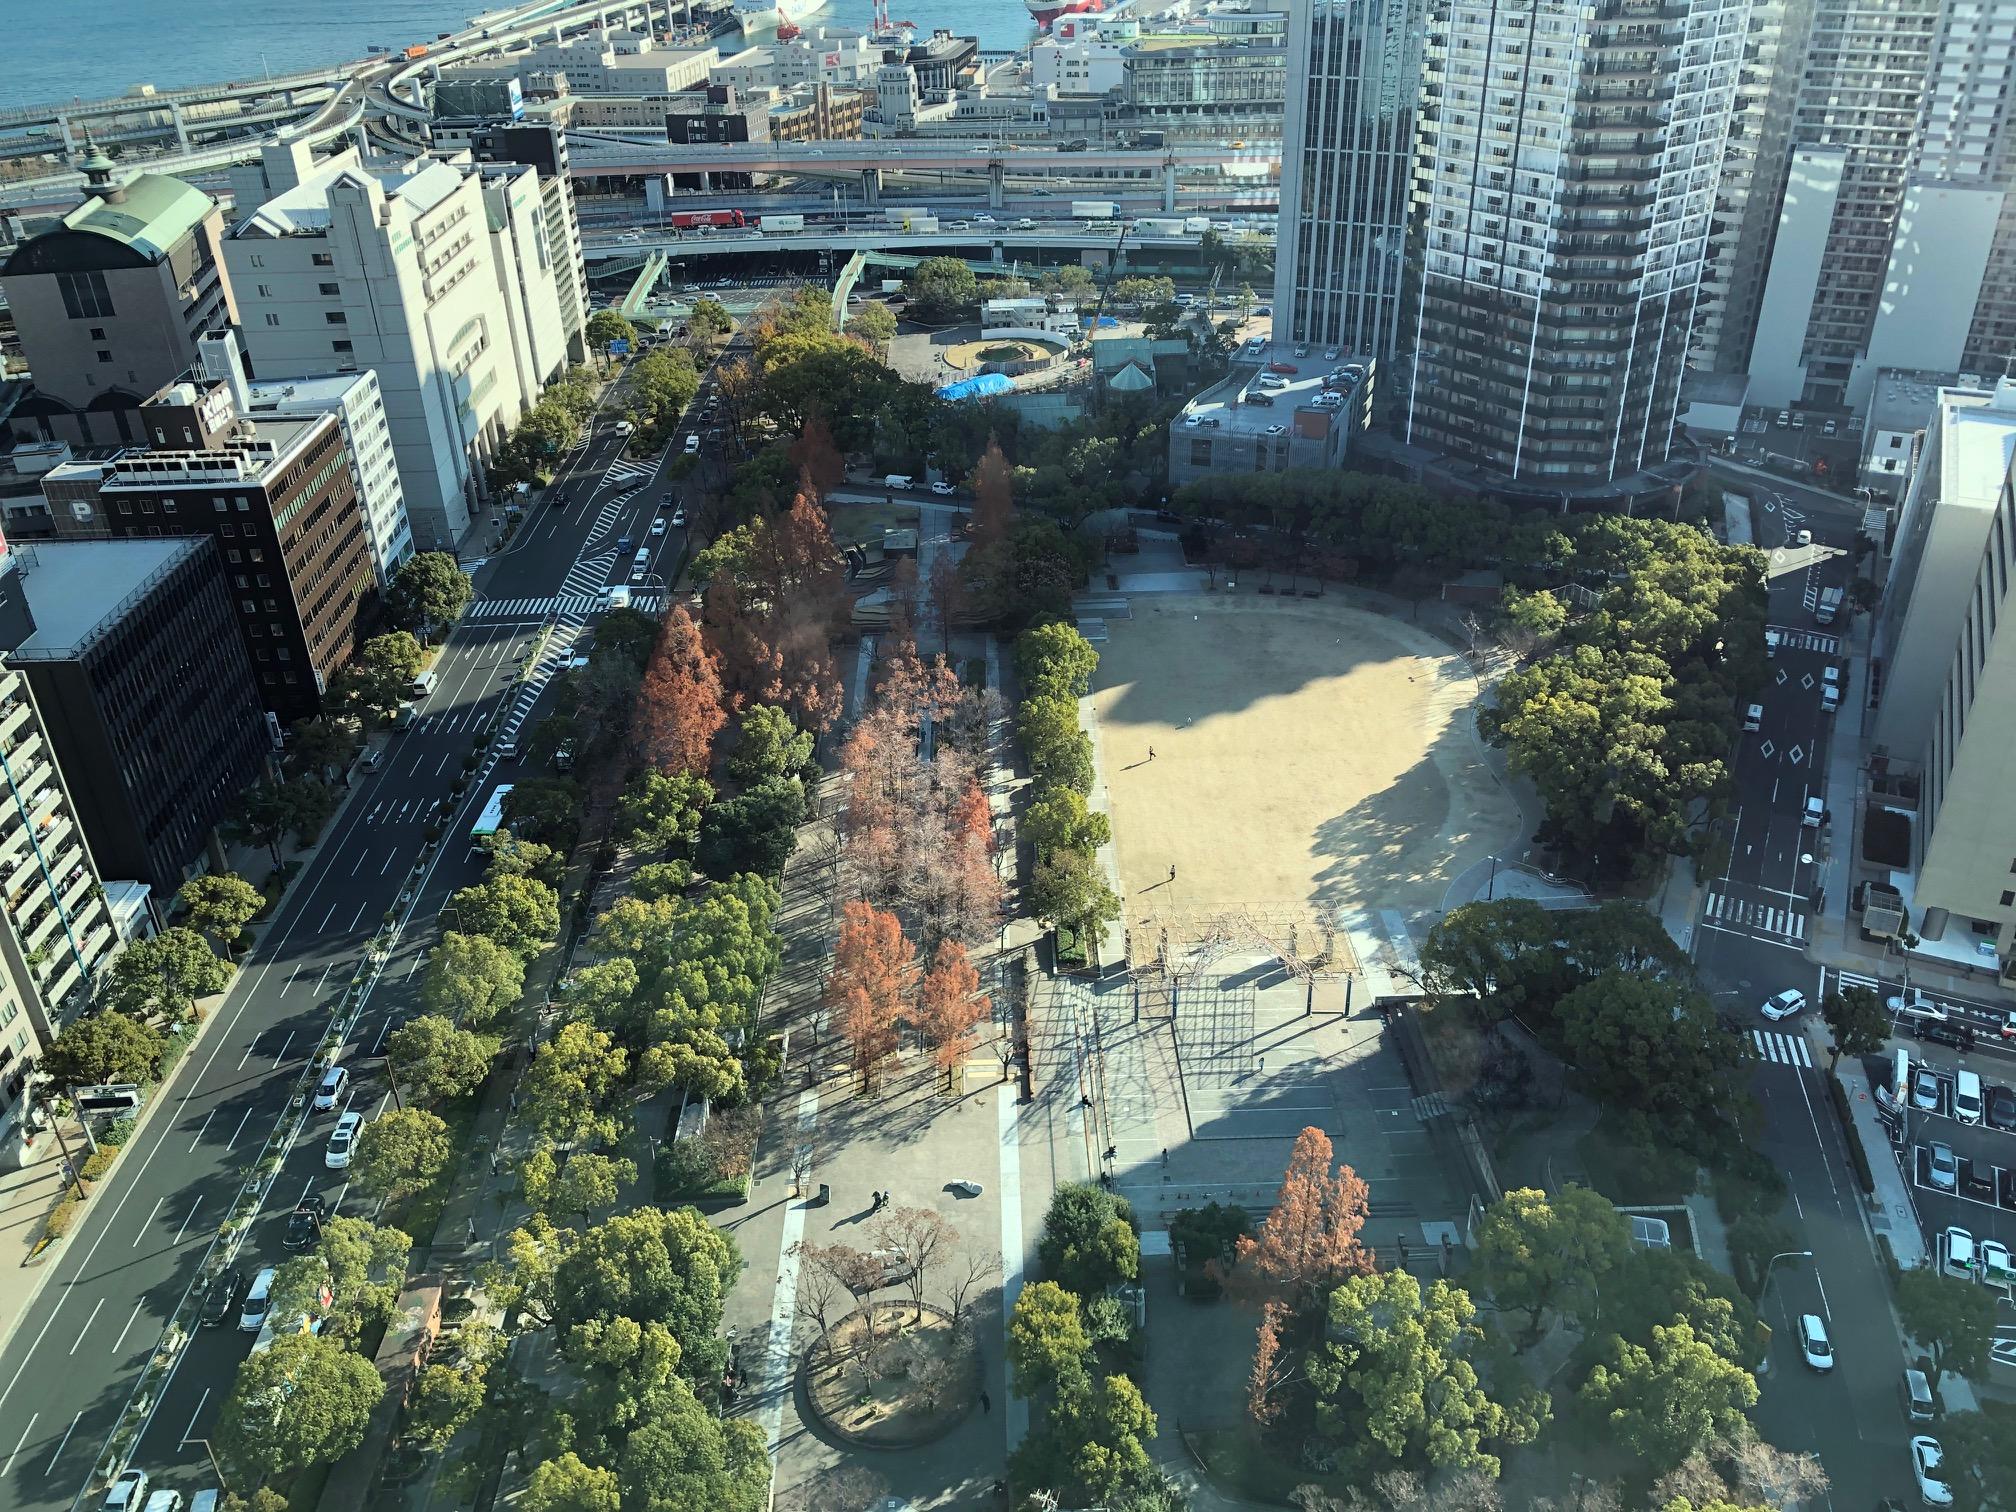 神戸市役所24階展望ロビーから撮影した「東遊園地」。ここでの遊園地とは「公園」のことで、遊具やアトラクションは設置されていない。